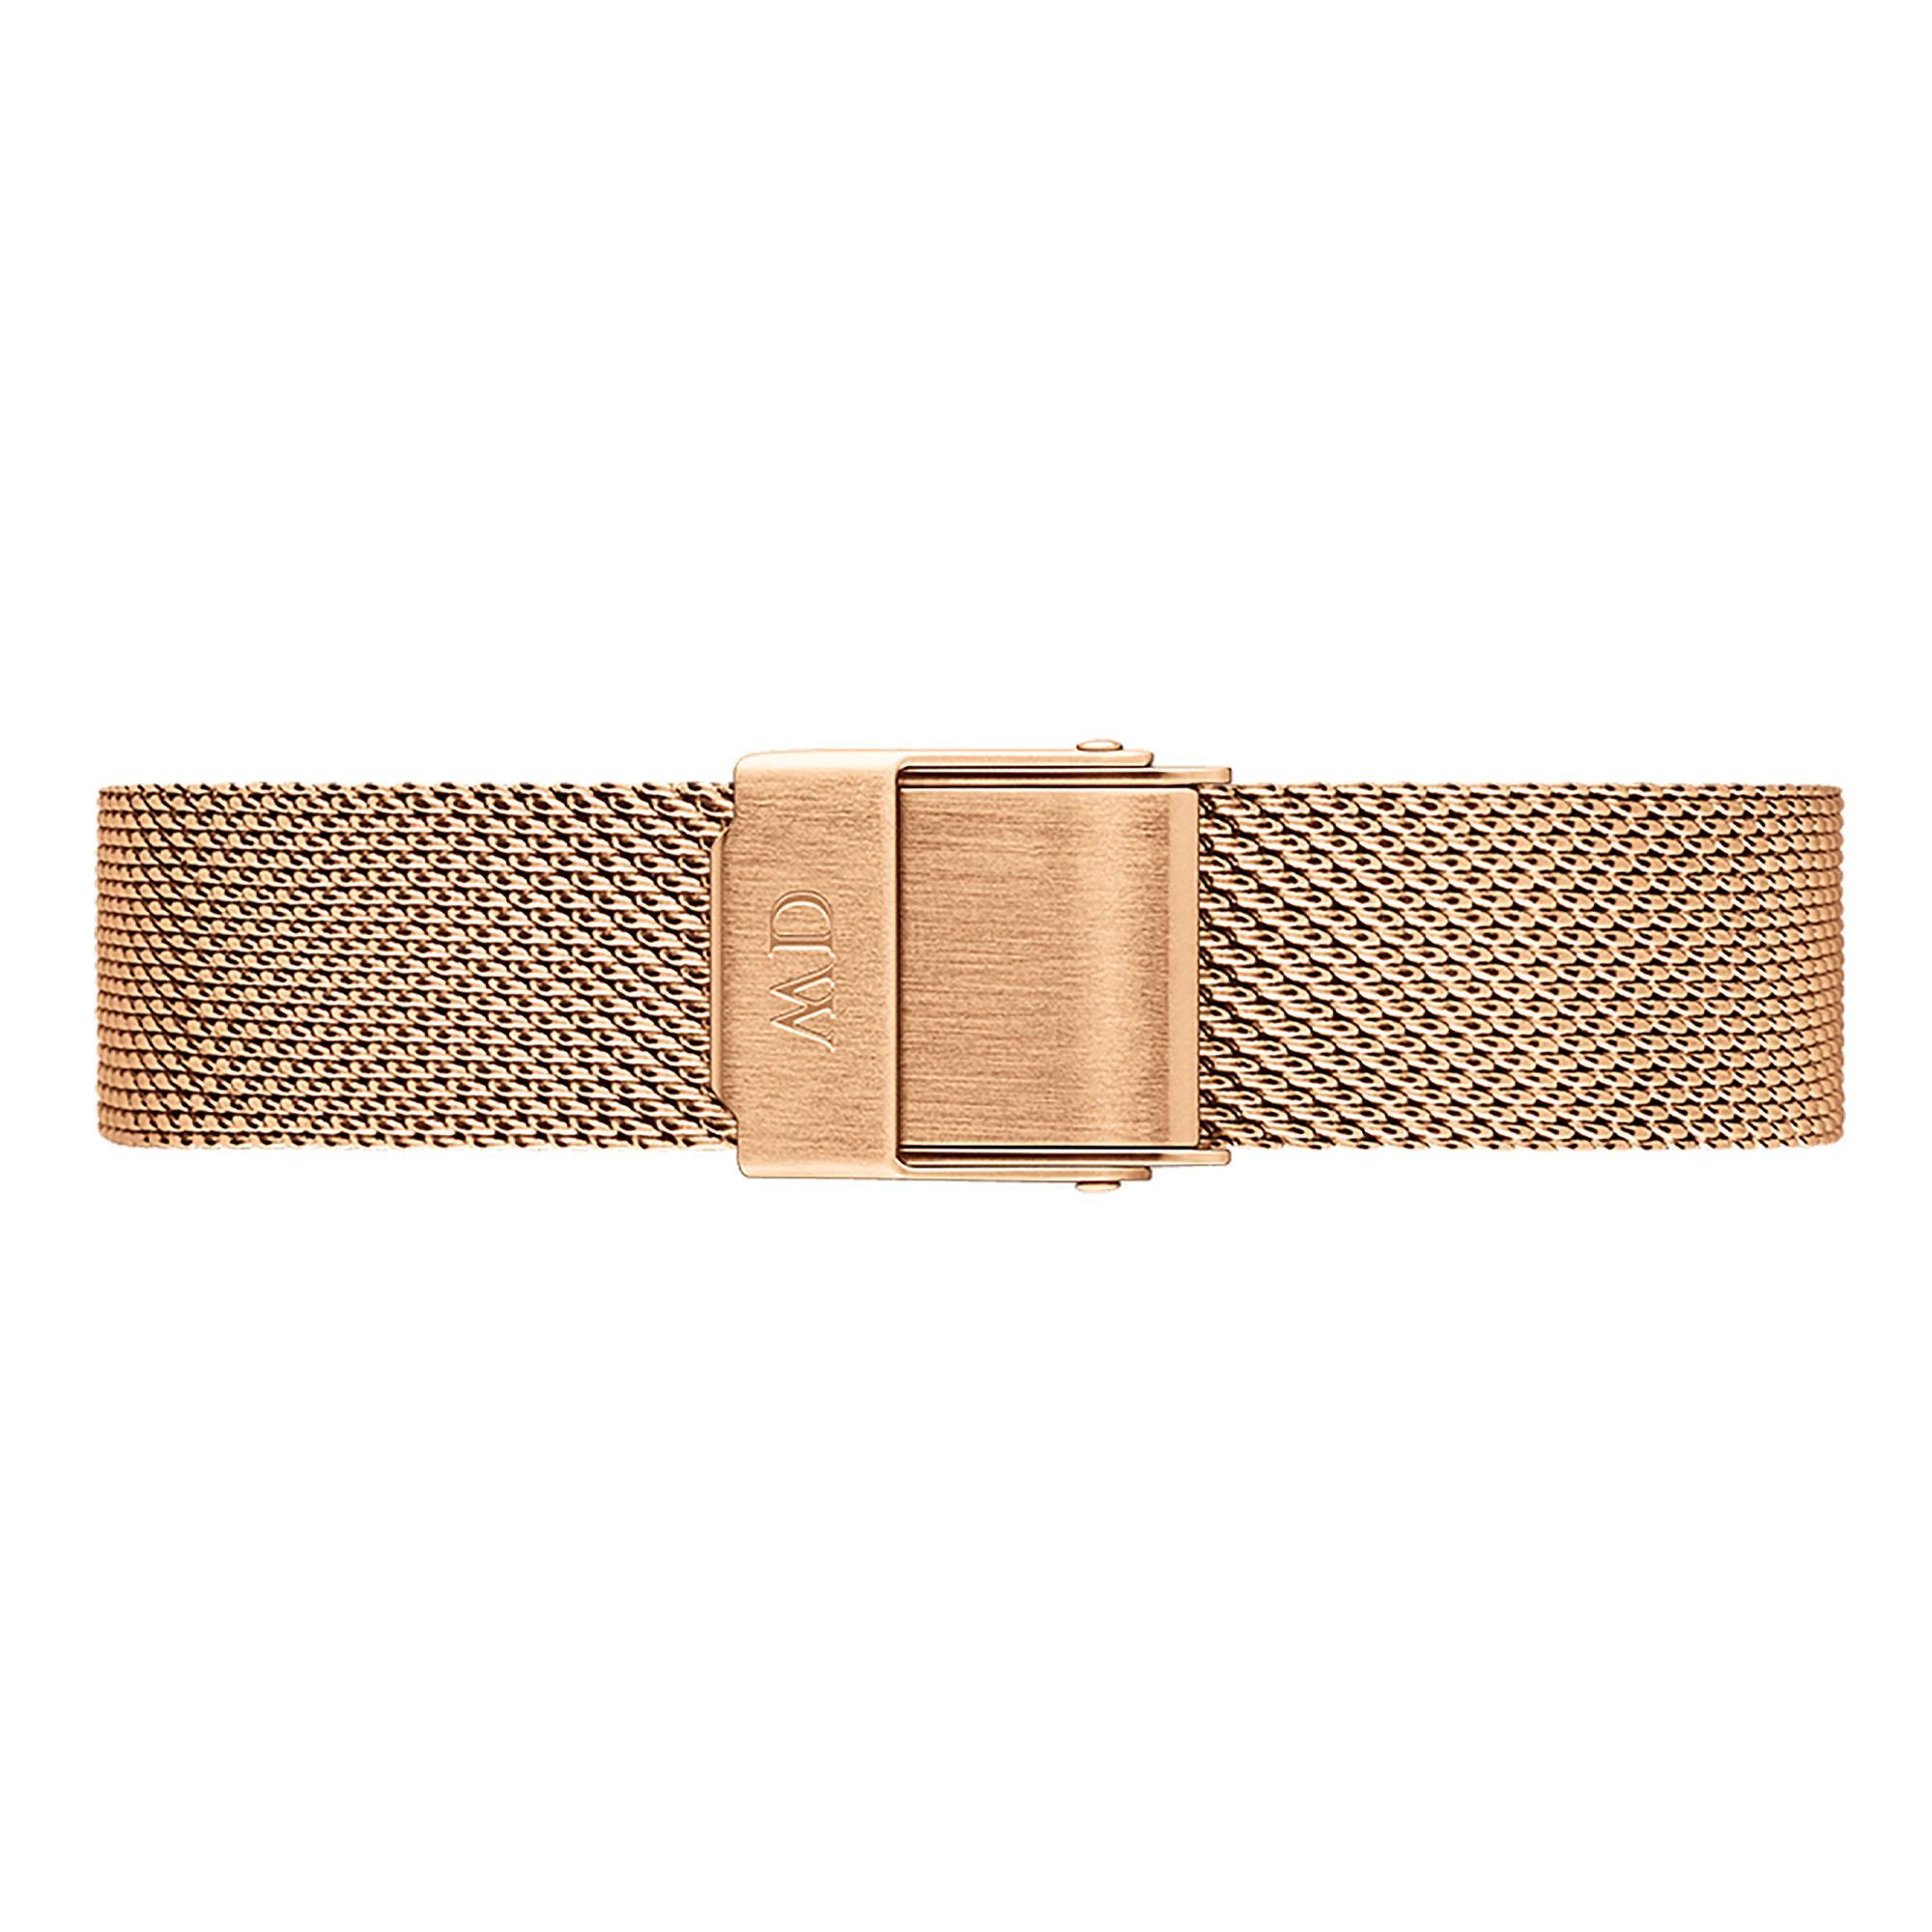 Cinturino Petite Merlose 12 mm Oro Rosa Acciaio Donna DW00200192 - DANIEL WELLINGTON